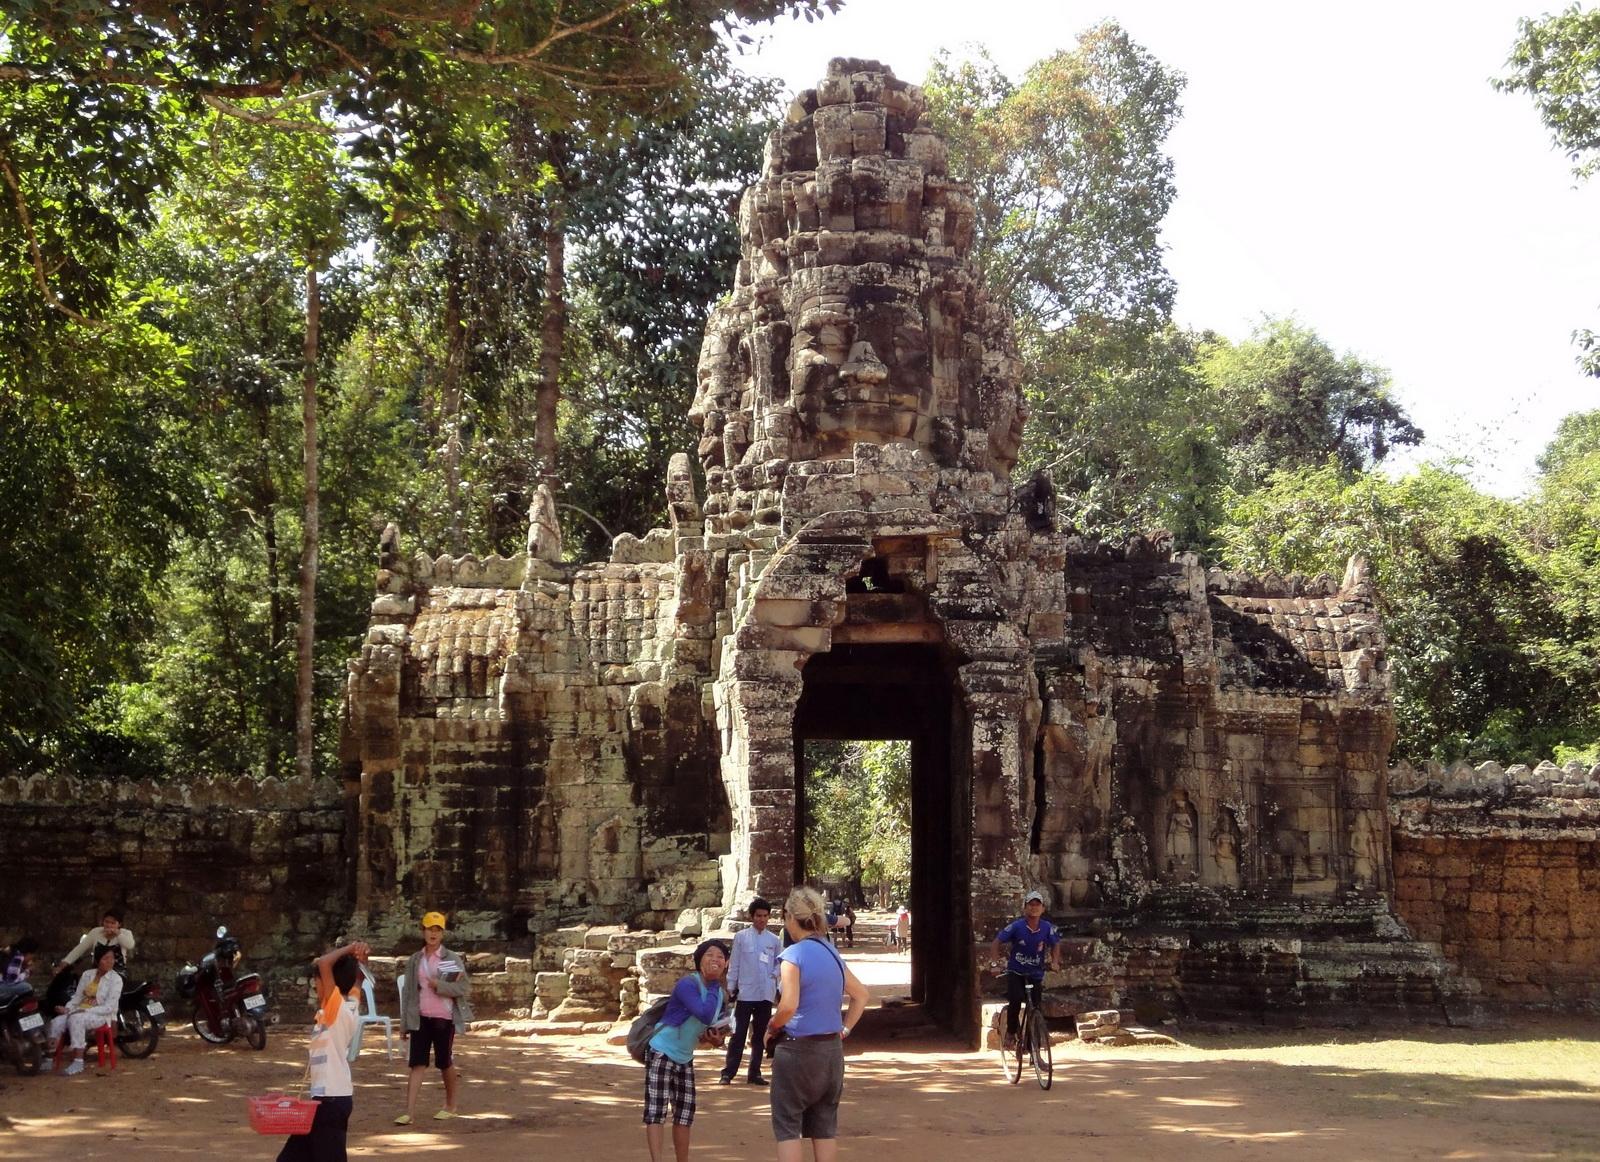 A Banteay Kdei Temple Gopura IV E Bayon style 4 faces 01